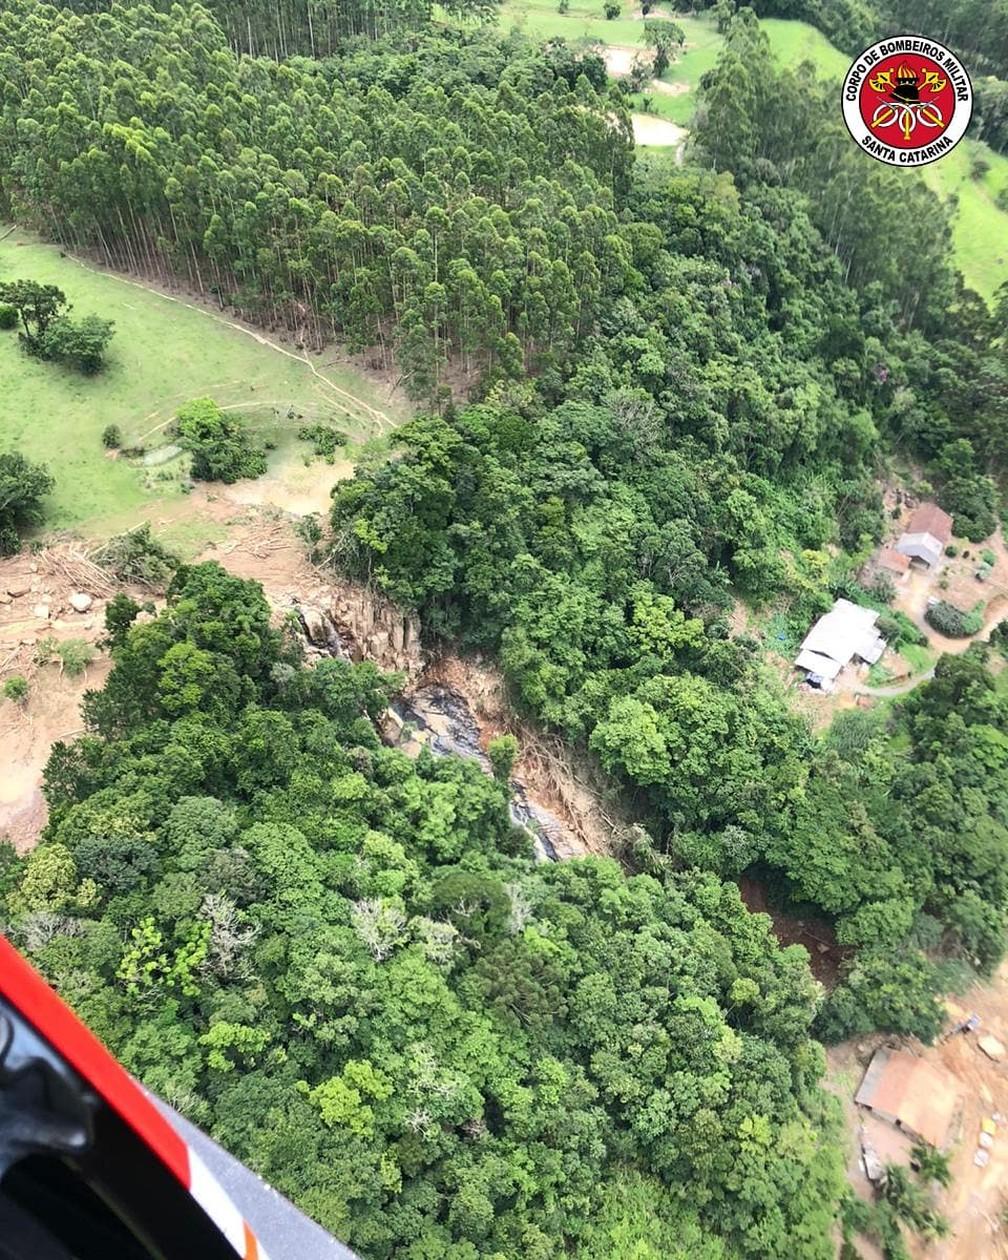 Em Presidente Getúlio, vale de SC, a Defesa Civil contabilizou 147 pessoas desabrigadas e 137 desalojadas até sexta-feira (18) — Foto: Divulgação/Corpo de Bombeiros